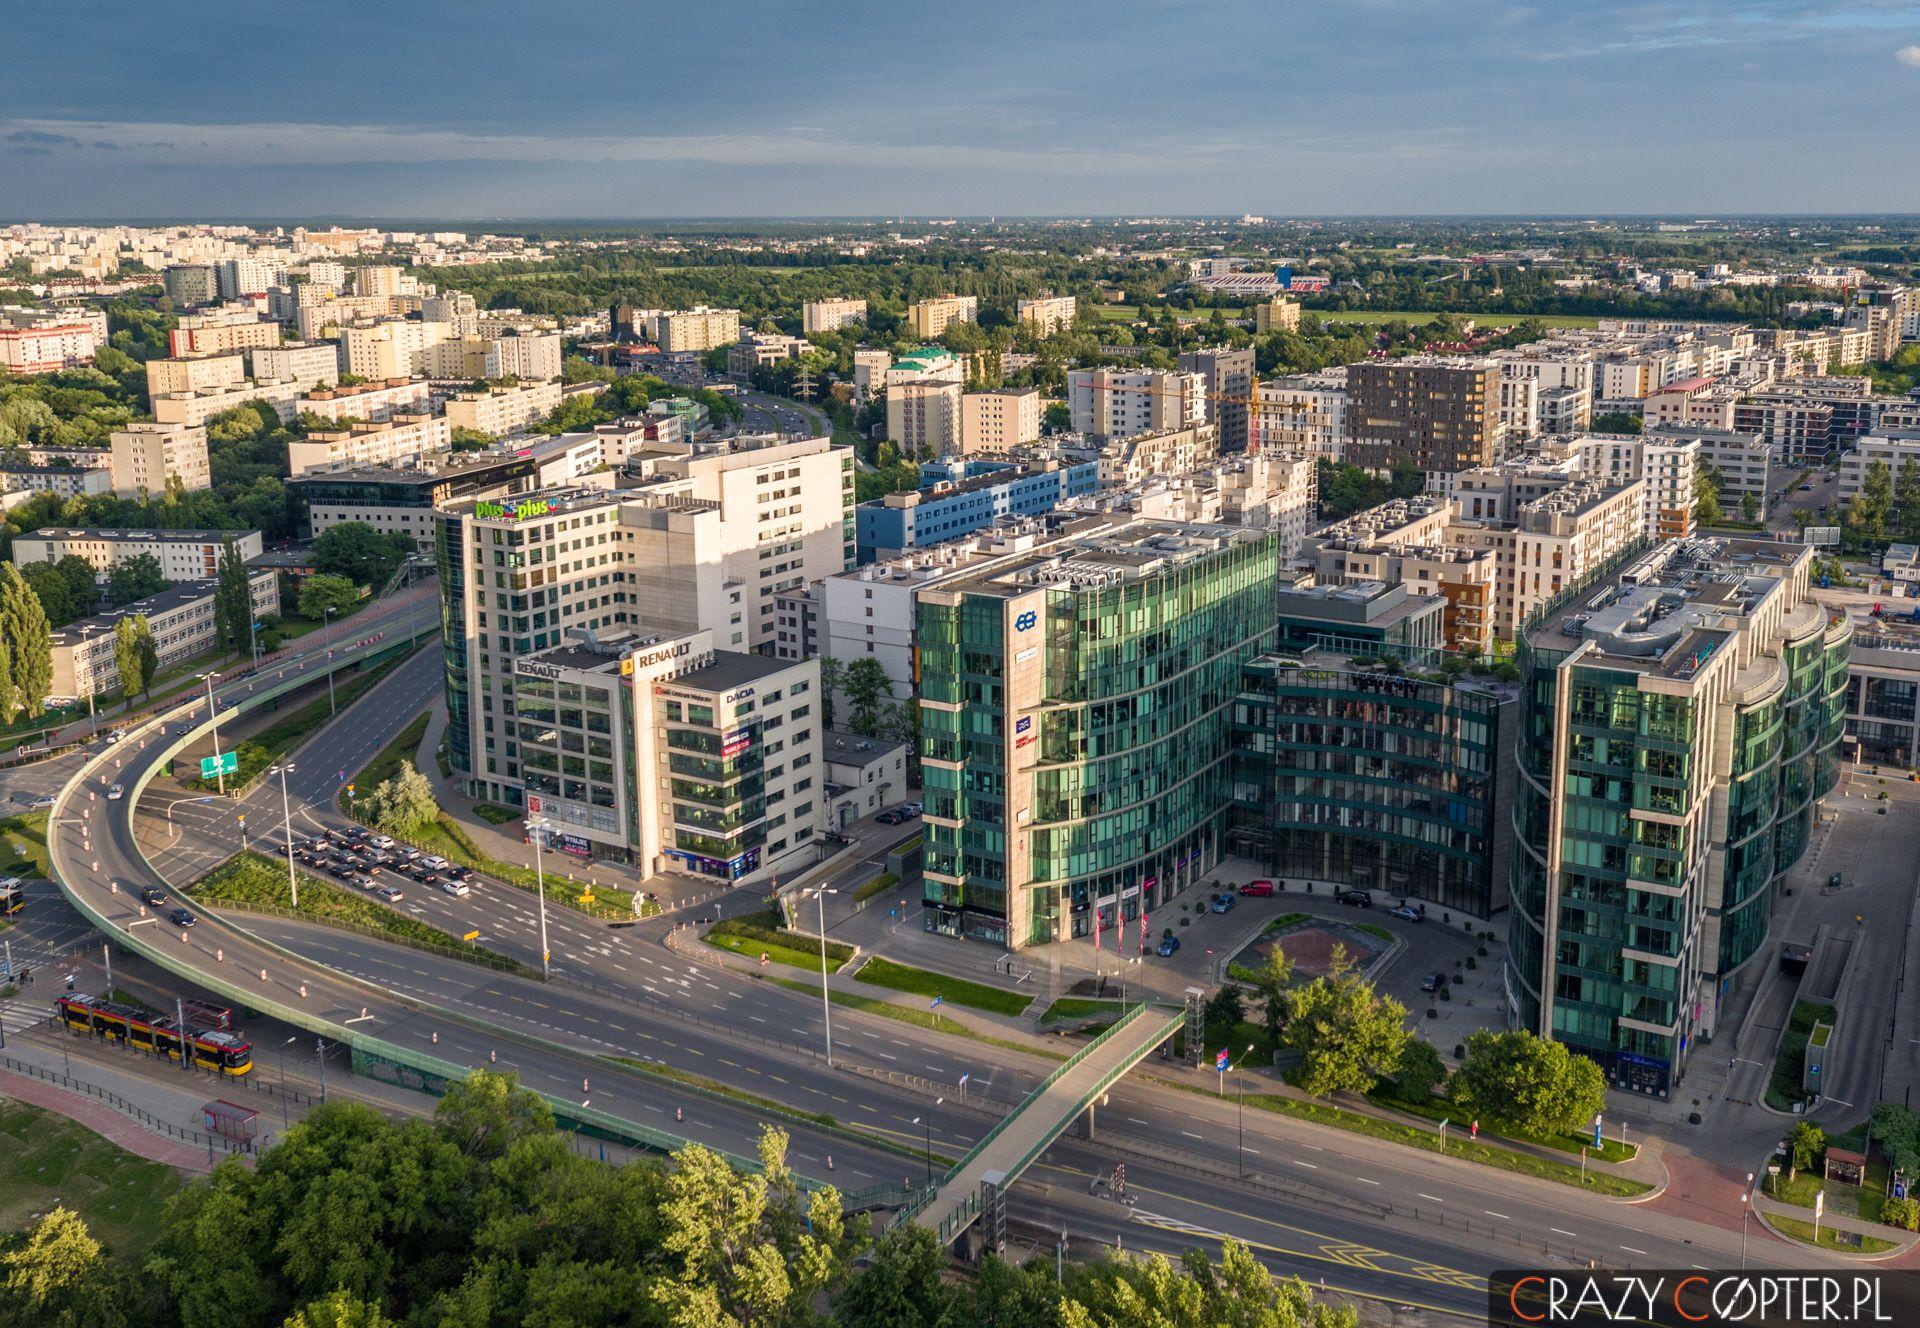 Zdjęcie z drona budynku New City na warszawskim Mokotowie.